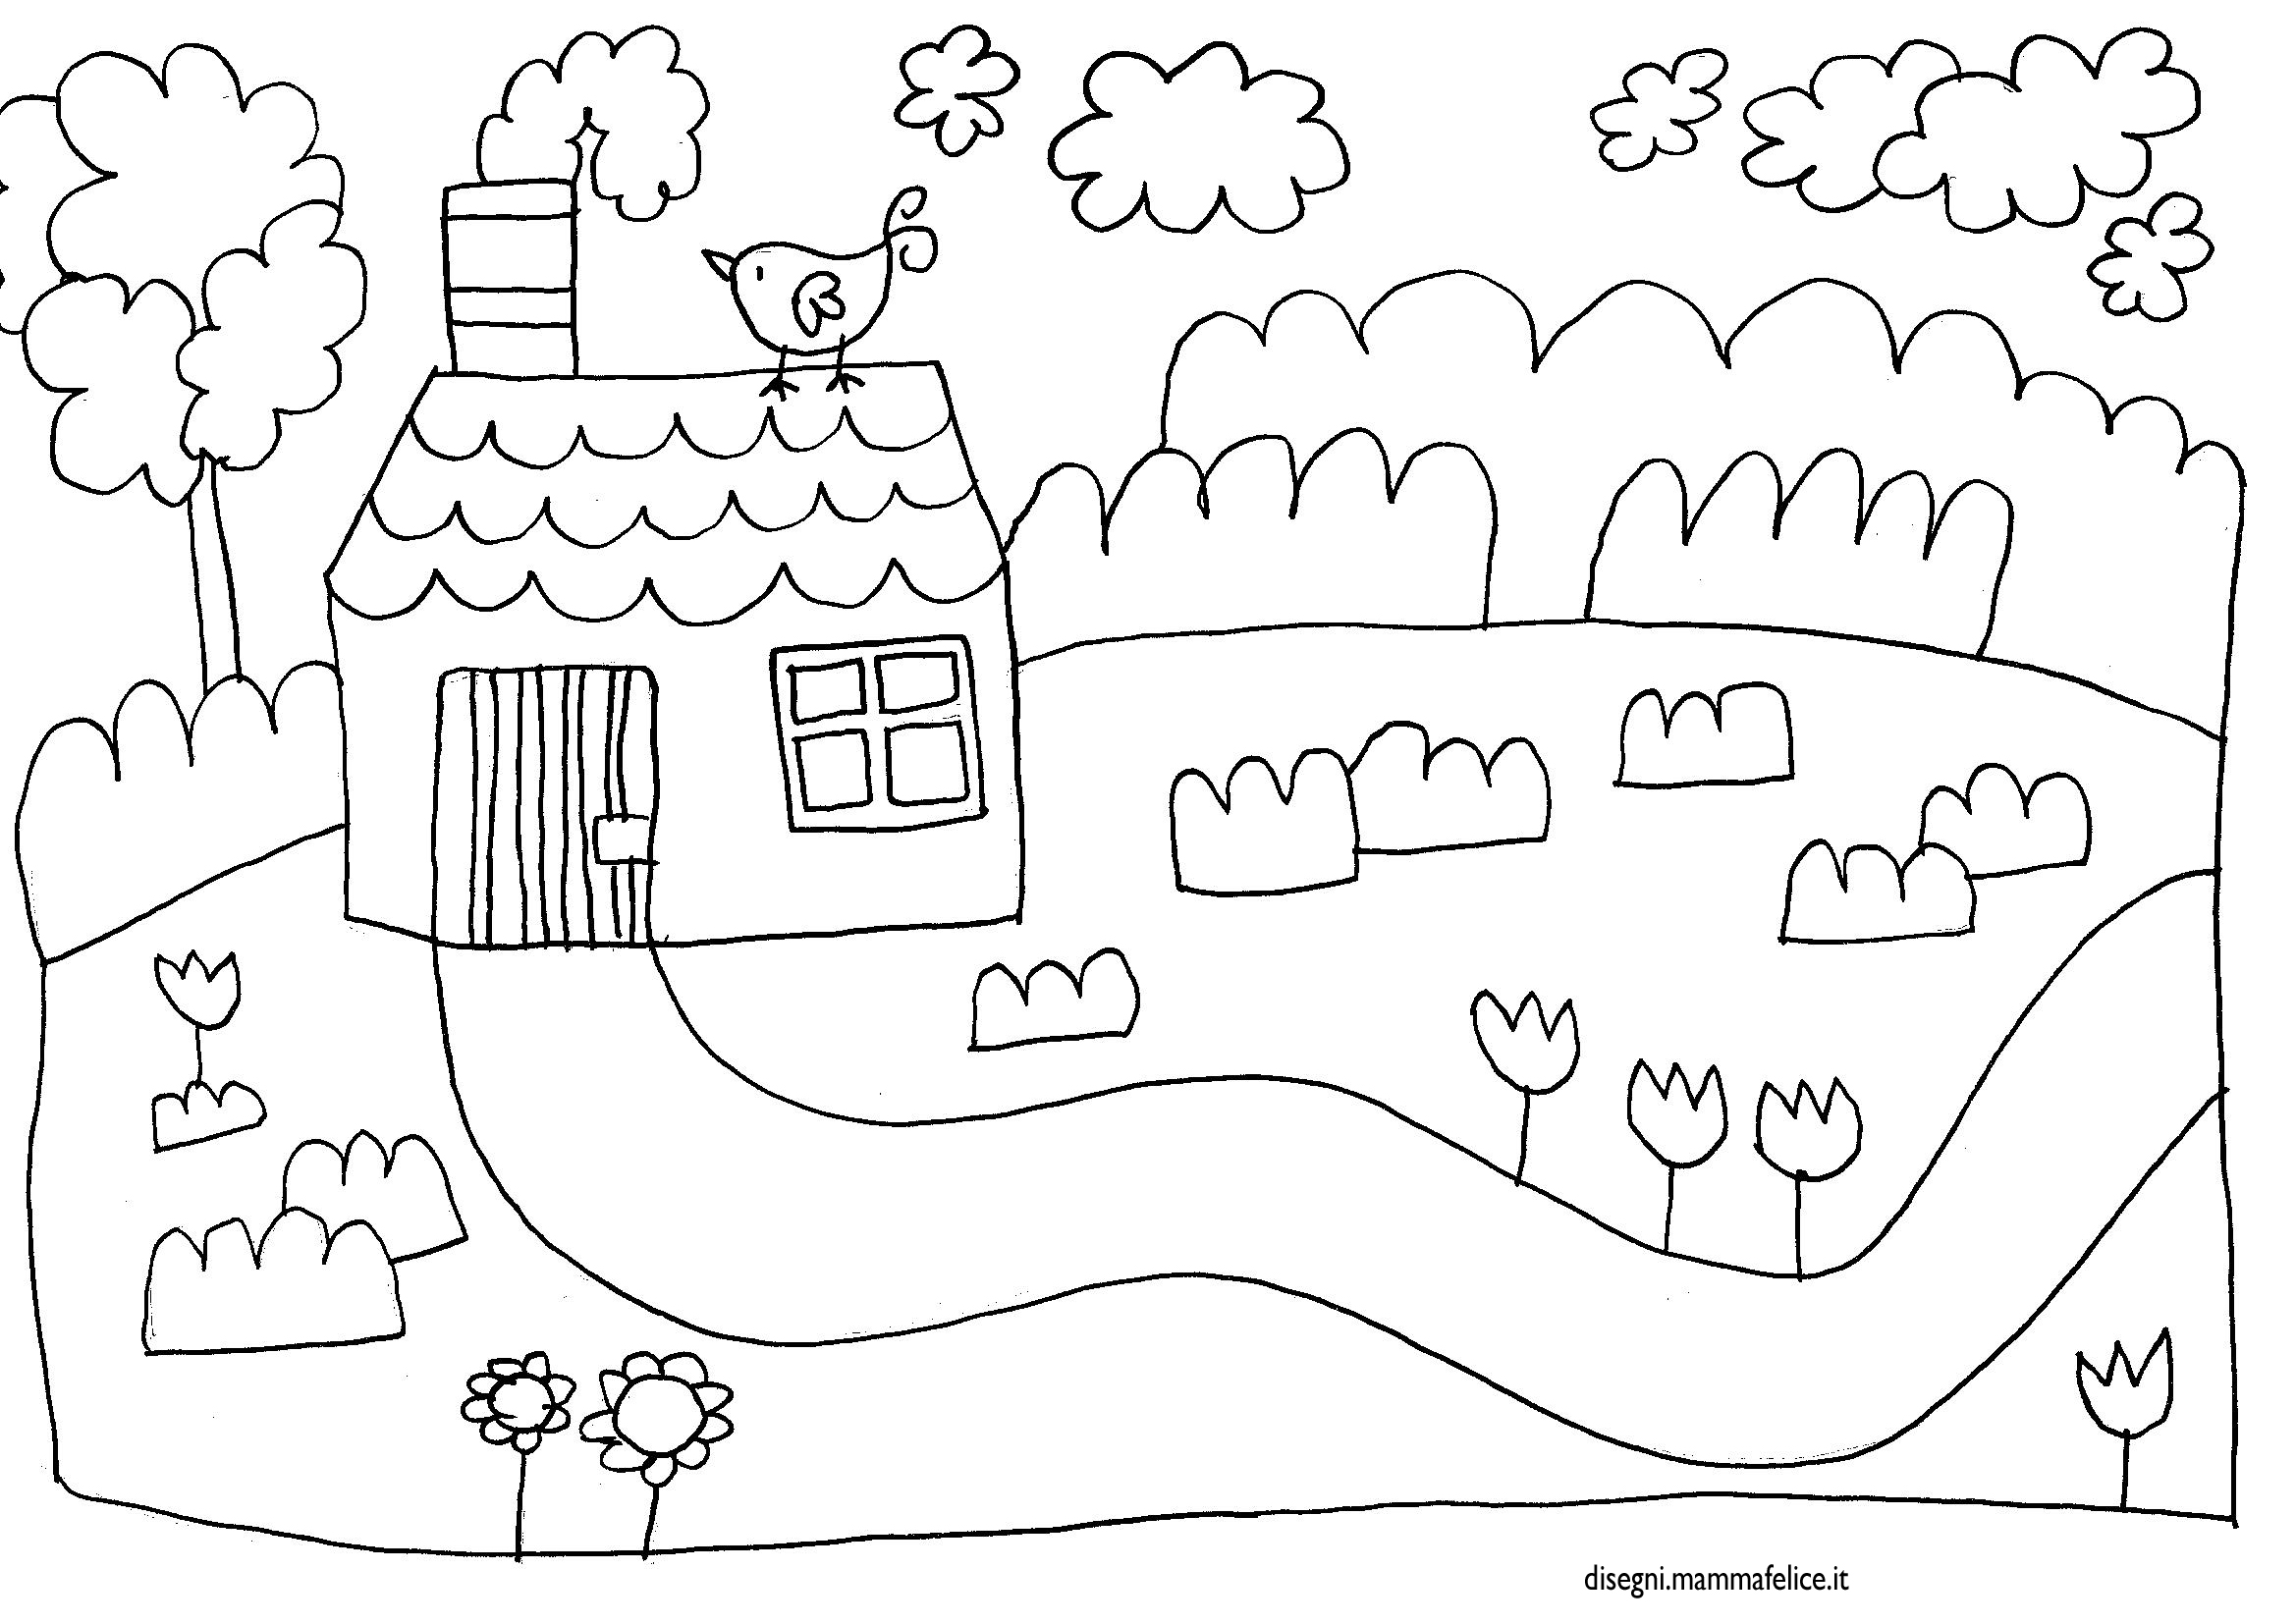 Disegno da colorare casetta disegni mammafelice for Disegni di paesaggi da colorare